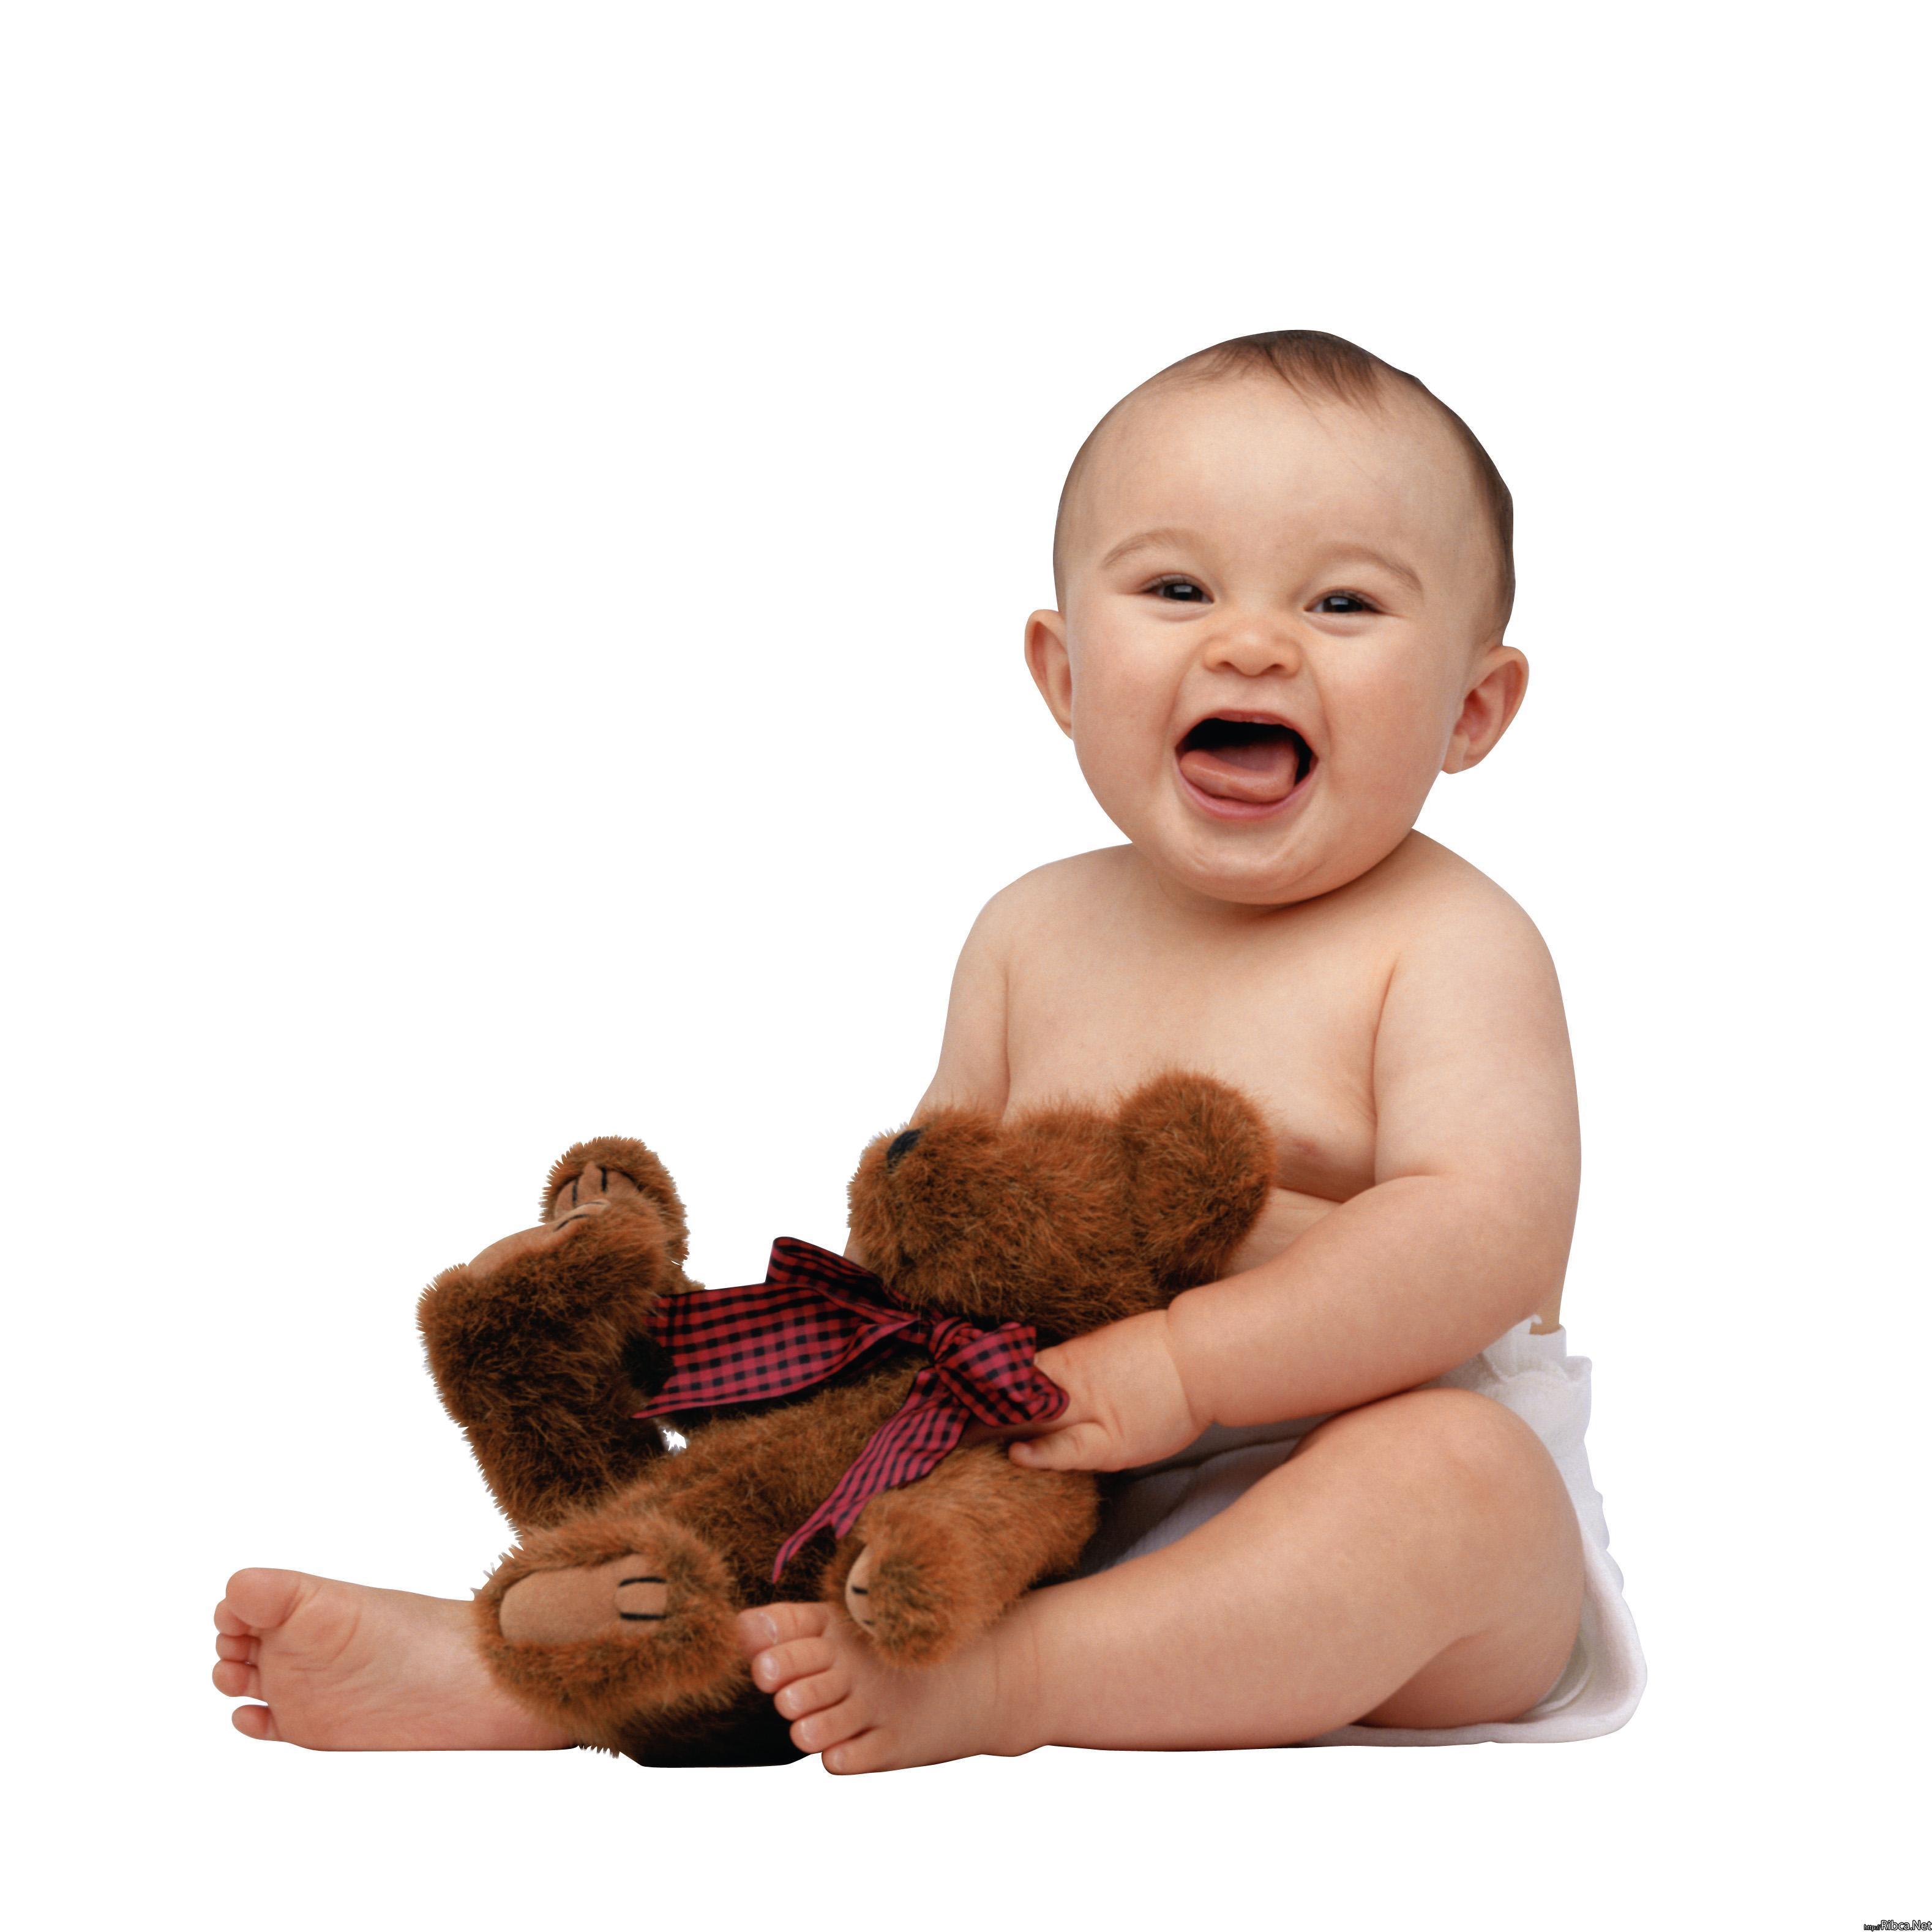 Имена для детей, как назвать ребенка в 2012 году.